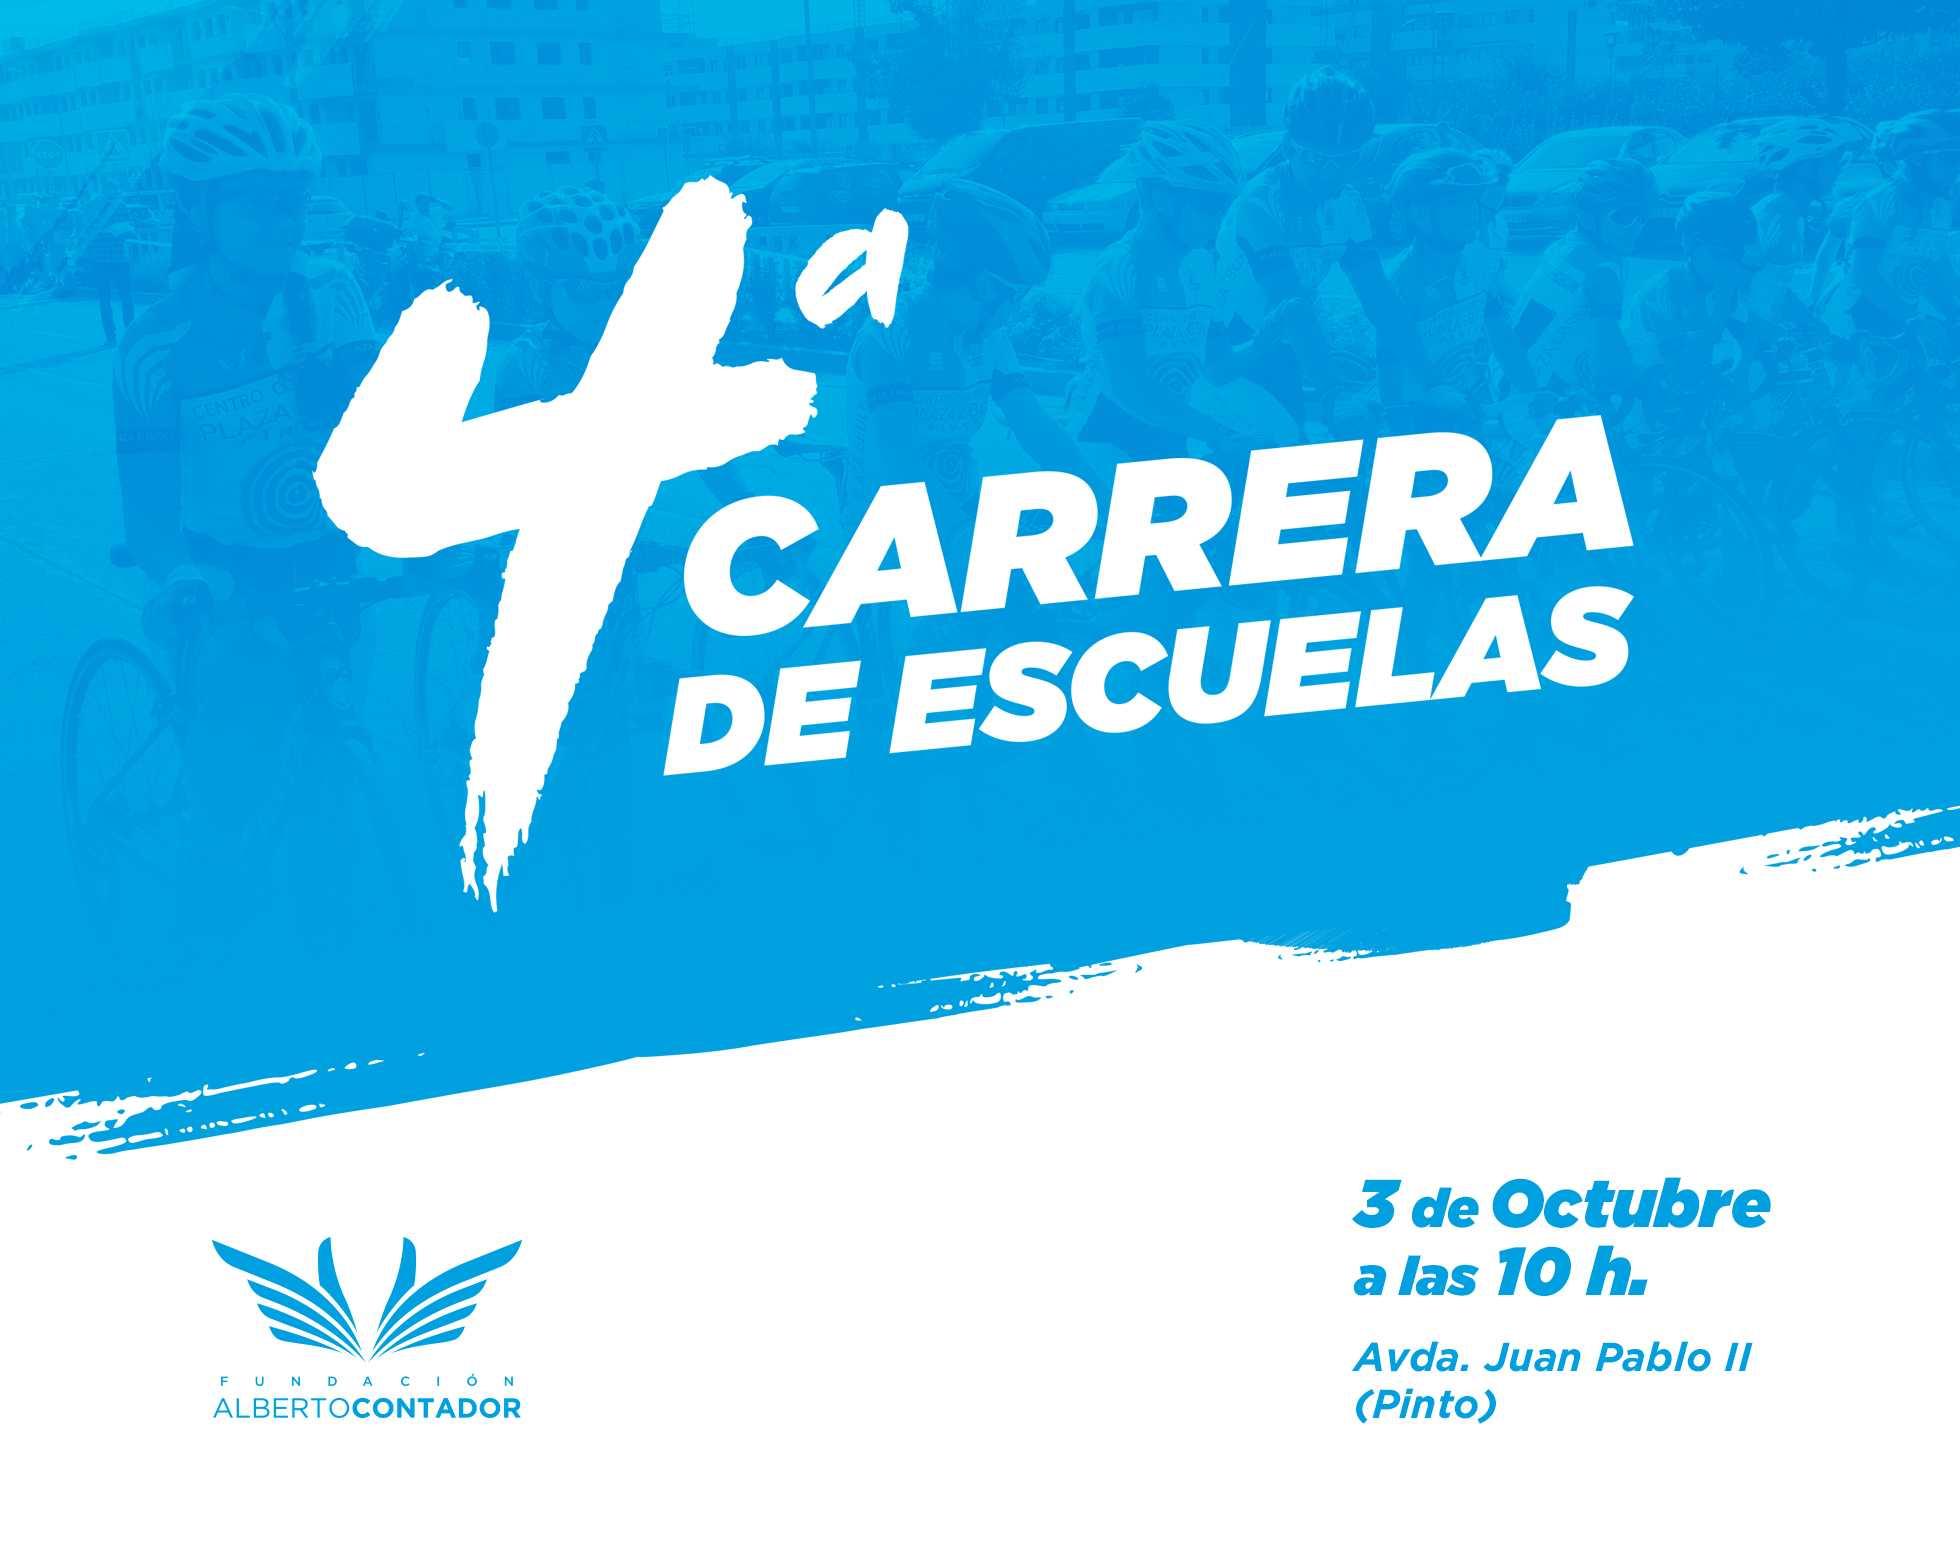 La Carrera de Escuelas de la Fundación Contador regresa a las calles de Pinto el 3 de Octubre